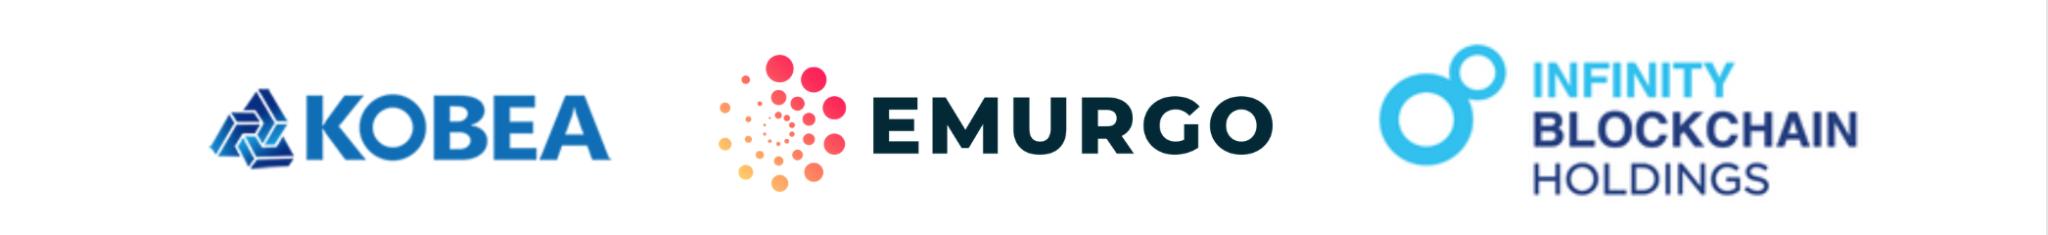 EMURGO、ウズベキスタン政府と戦略的タスクフォースを設立。セキュリティトークンオファリングとその取引フレームワーク展開を進める